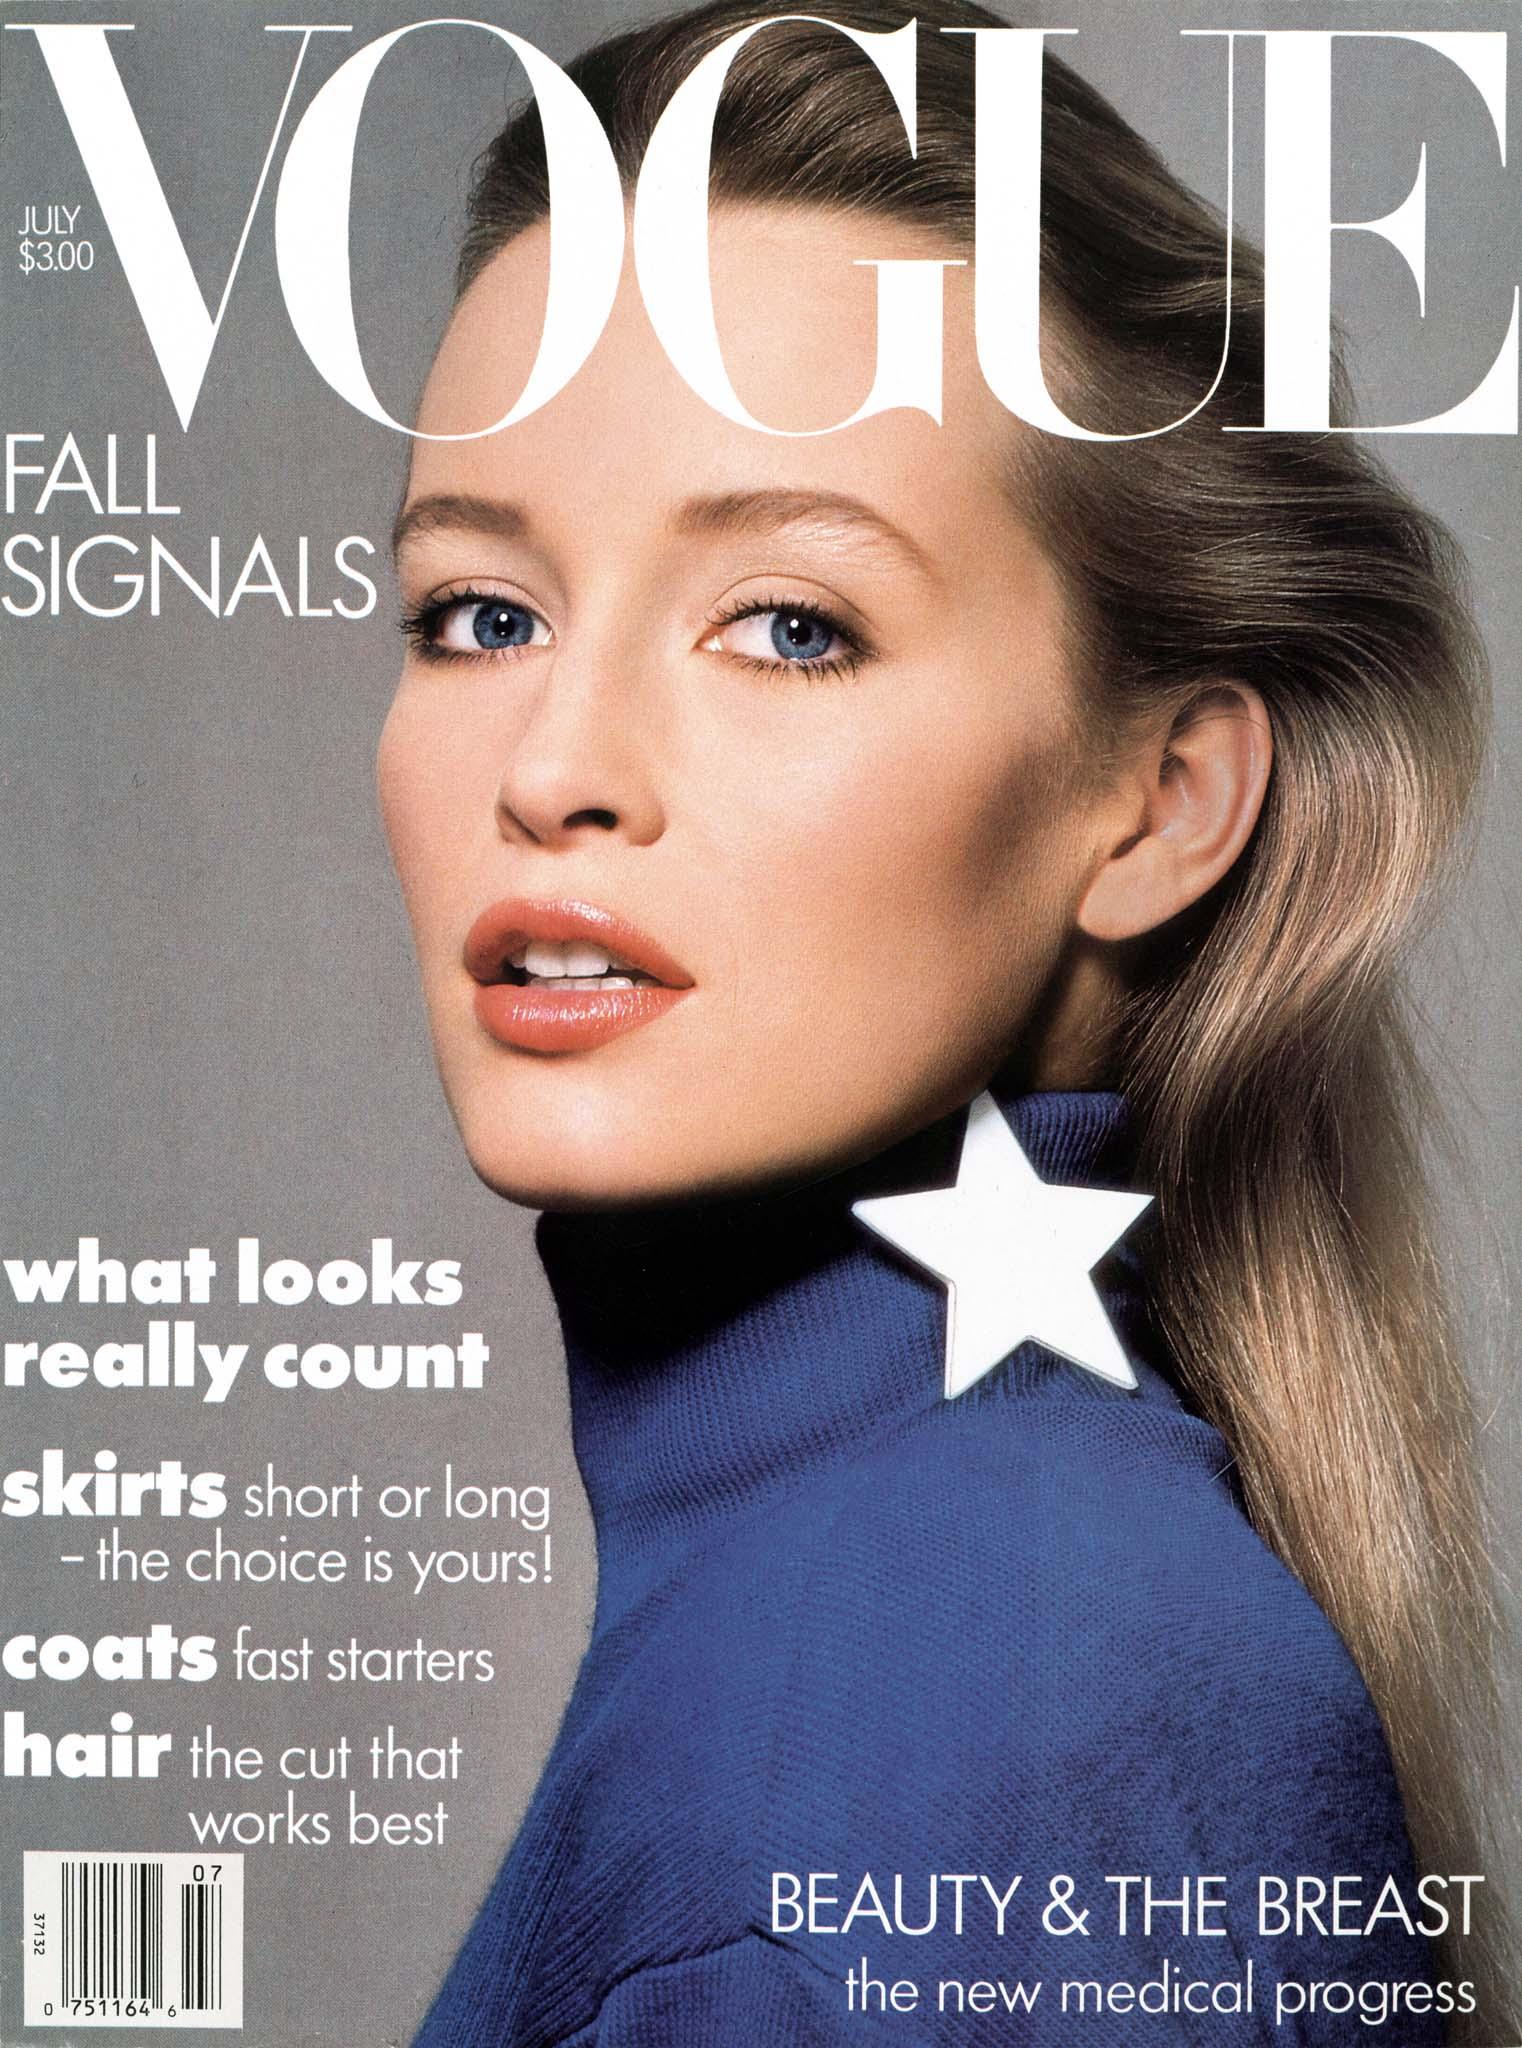 Vogue, July 1986